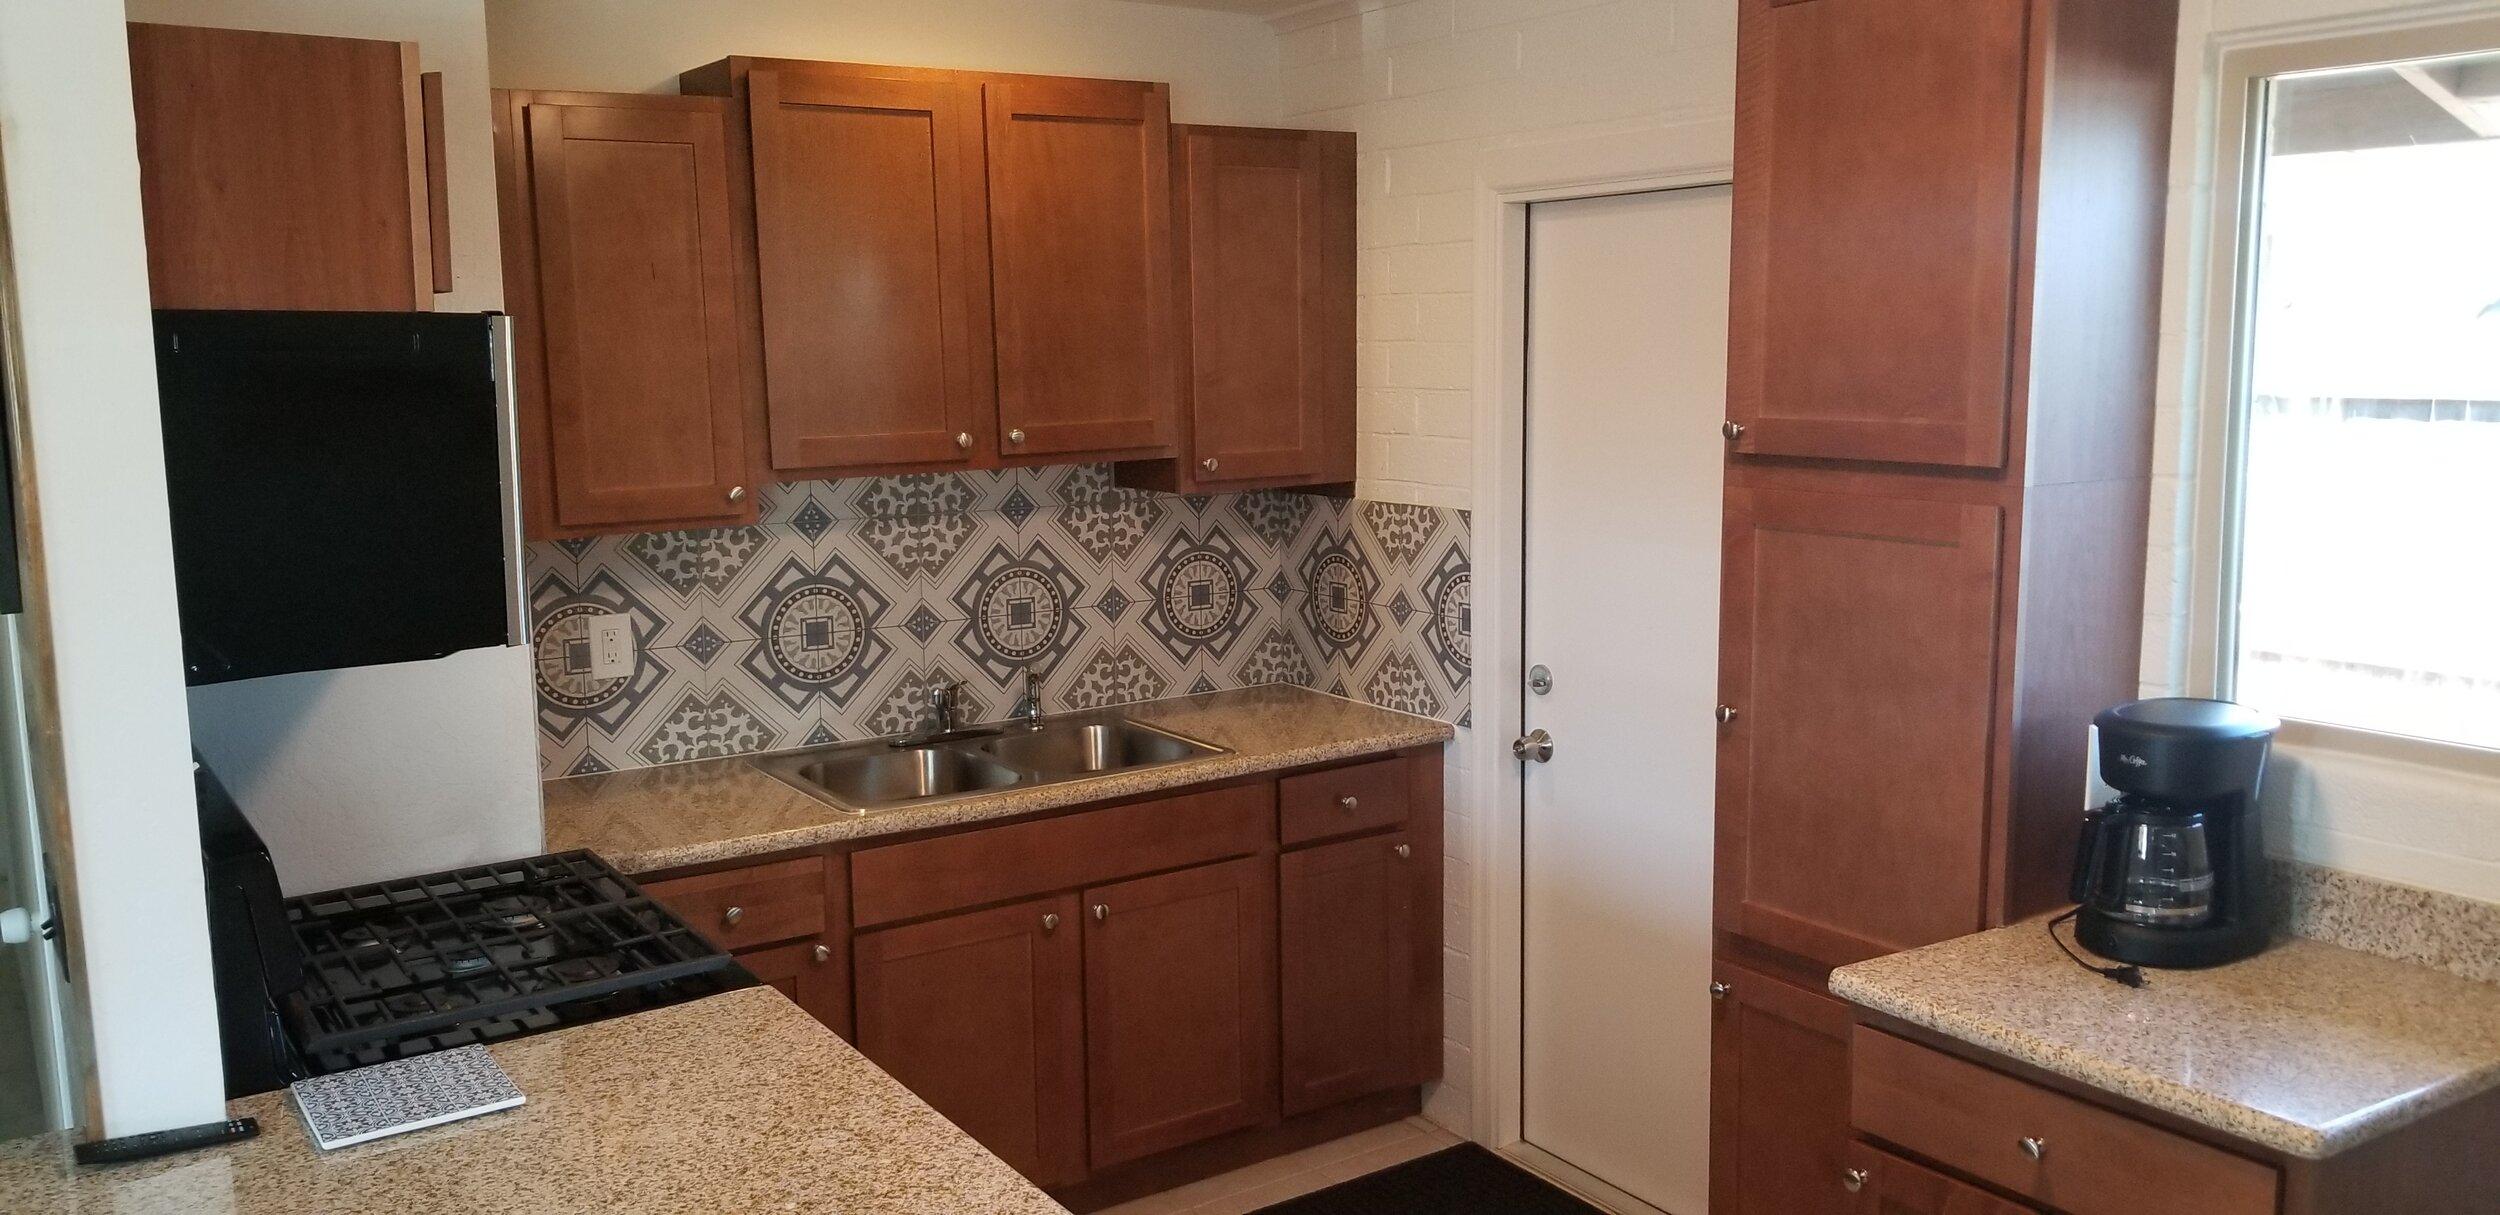 Kitchen new backsplash, sink, appliances